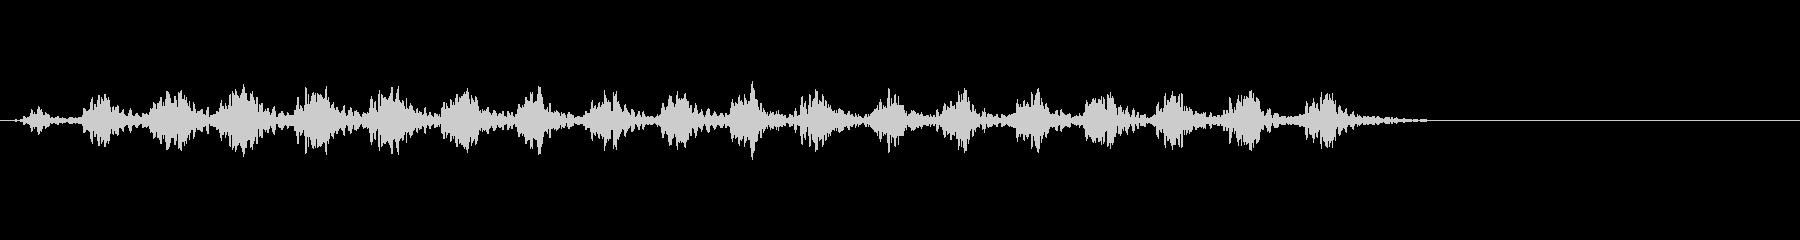 リリリ…虫の音(長め)の未再生の波形